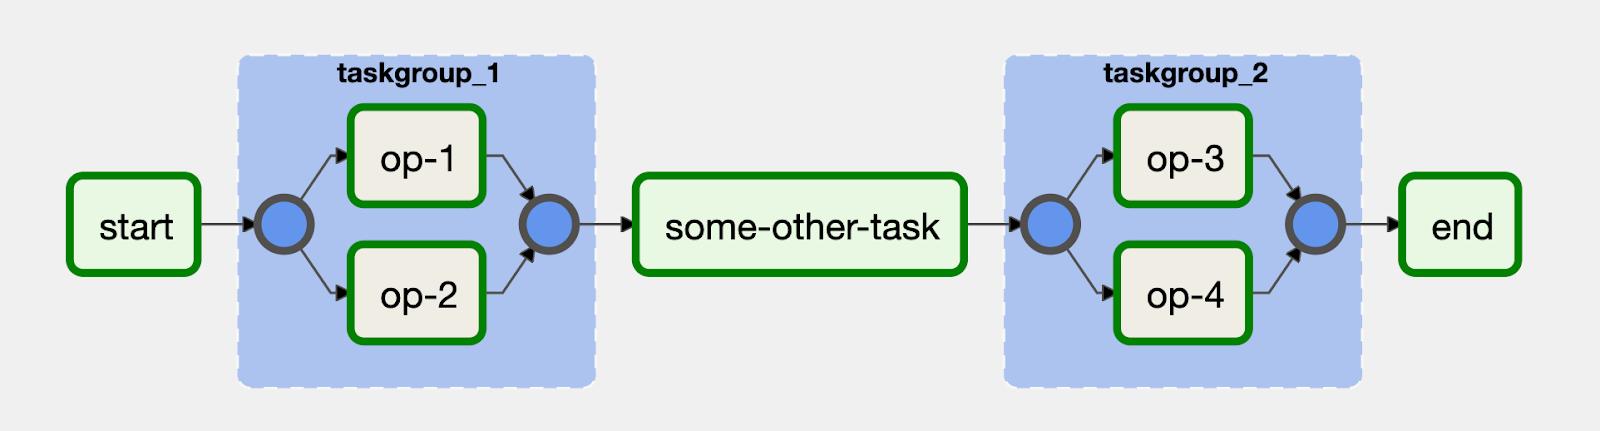 Las tareas se pueden agrupar visualmente en la IU con el operador TaskGroup en Airflow 2